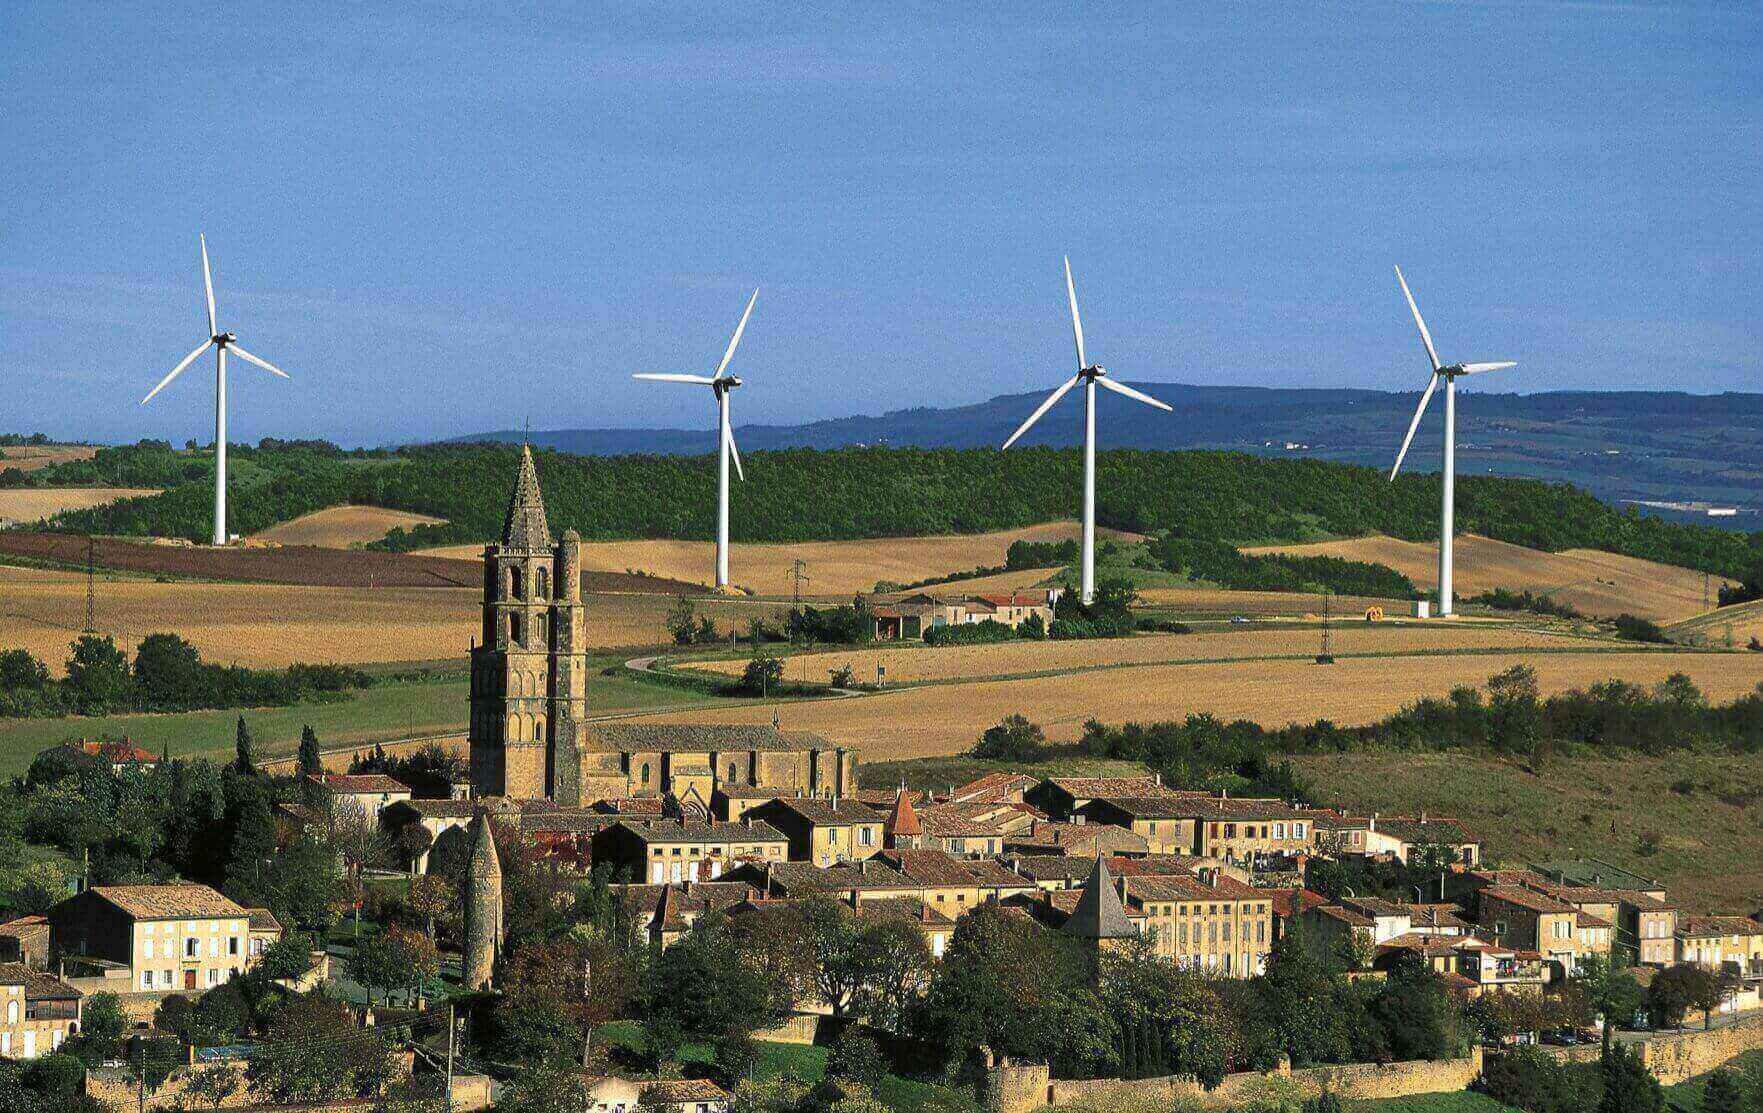 Energia Eolica in Francia: Situazione Attuale e Previsioni Future